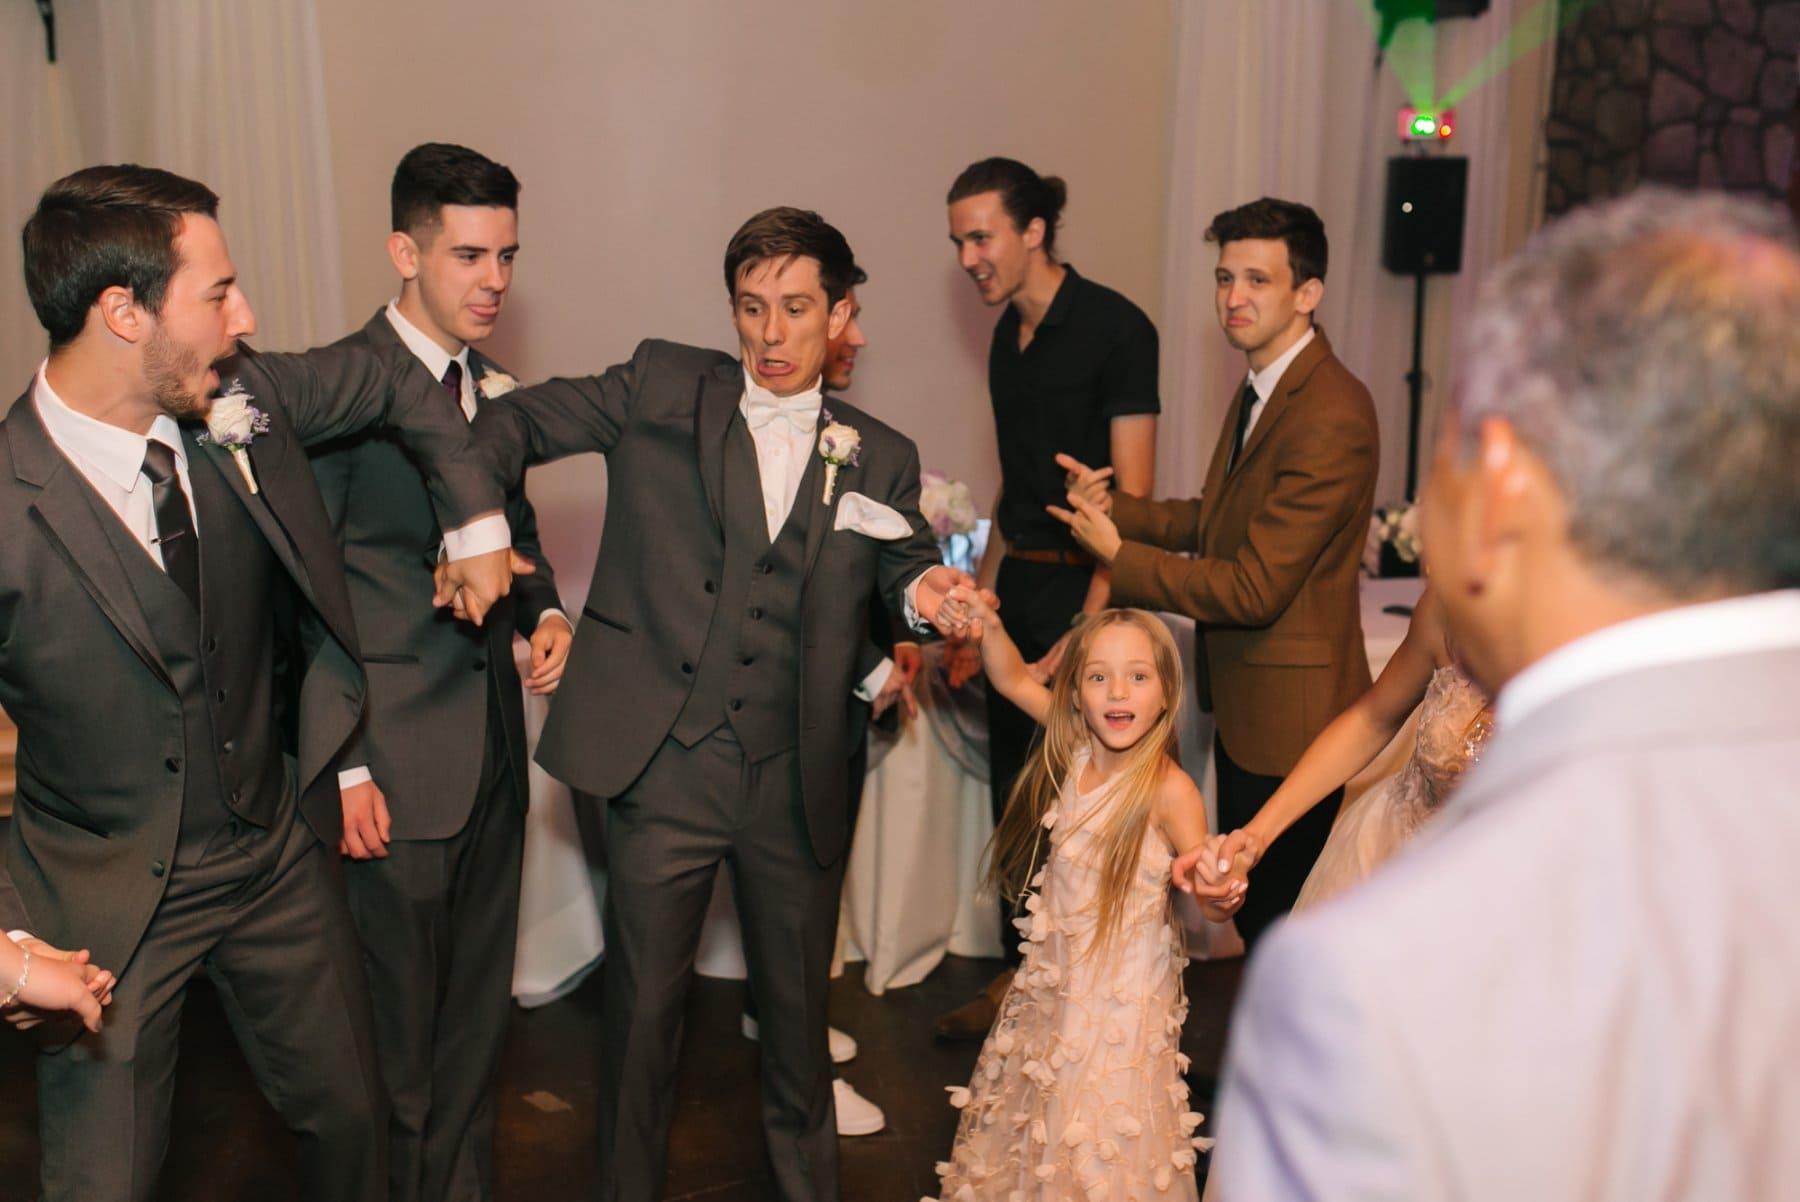 Superstition Manor wedding reception dance